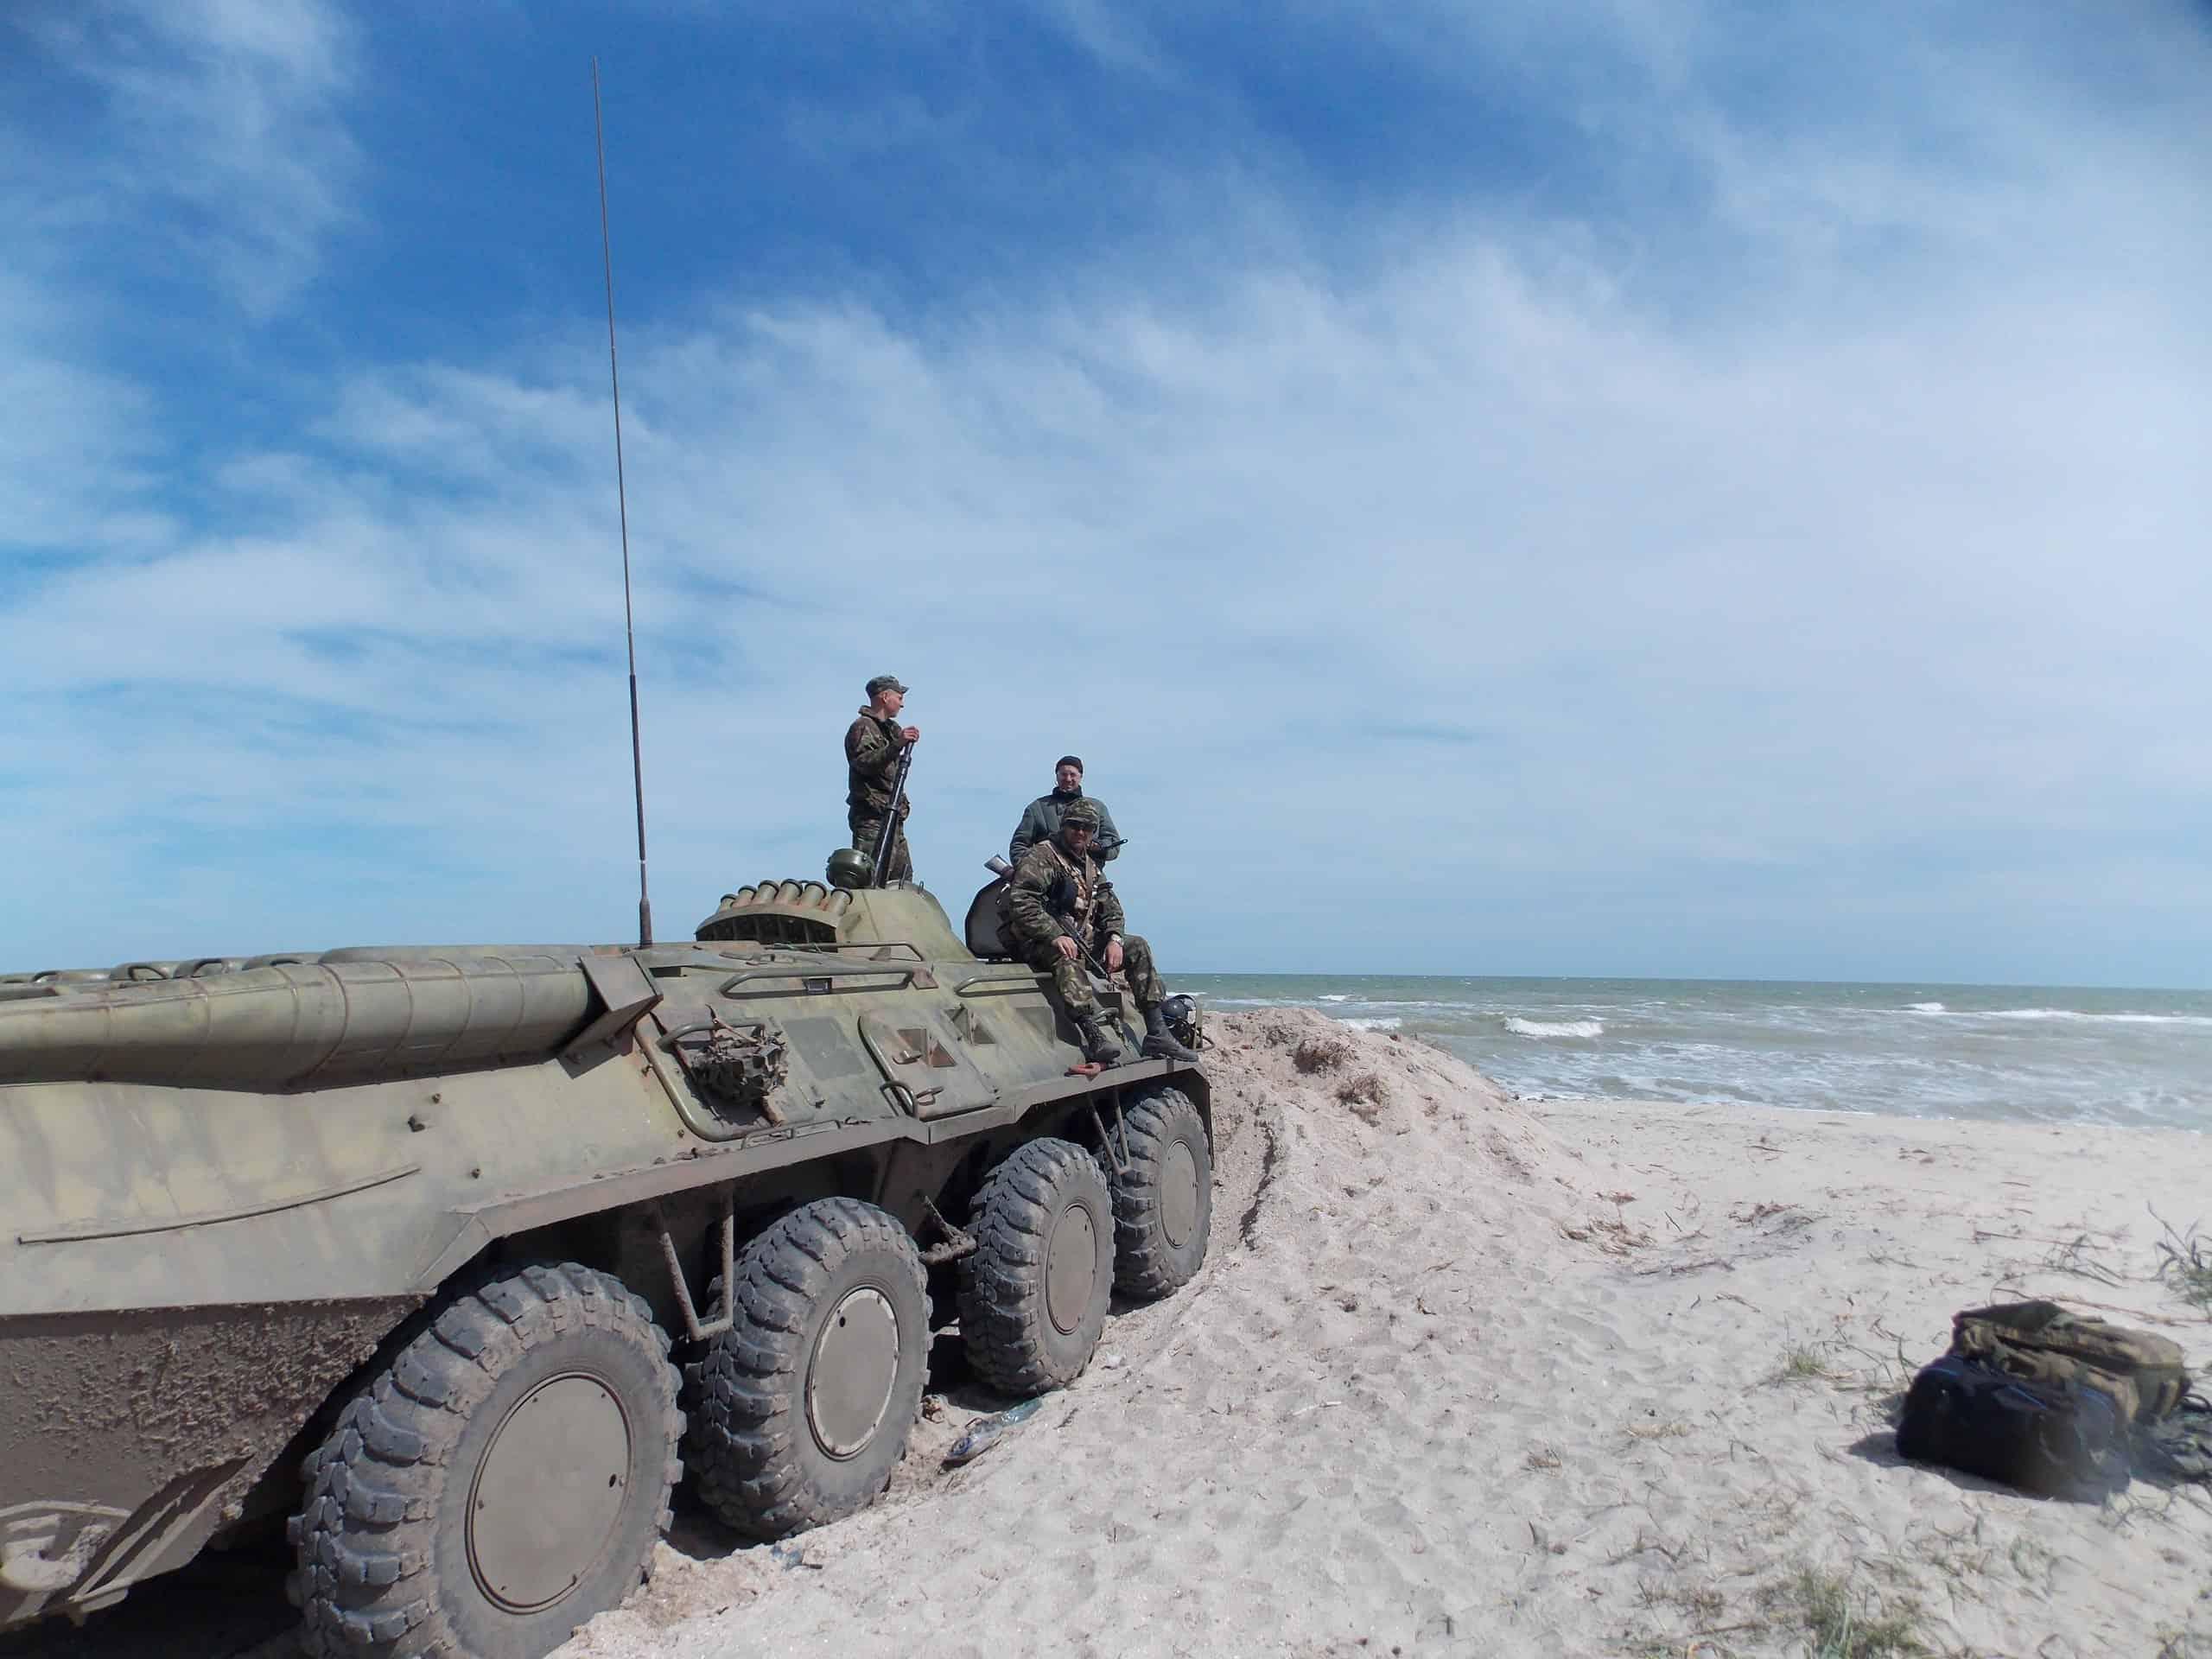 Підняті за бойовою тривогою БТР-80 79 ОАЕМБр в Херсонській області. Березень 2014 року